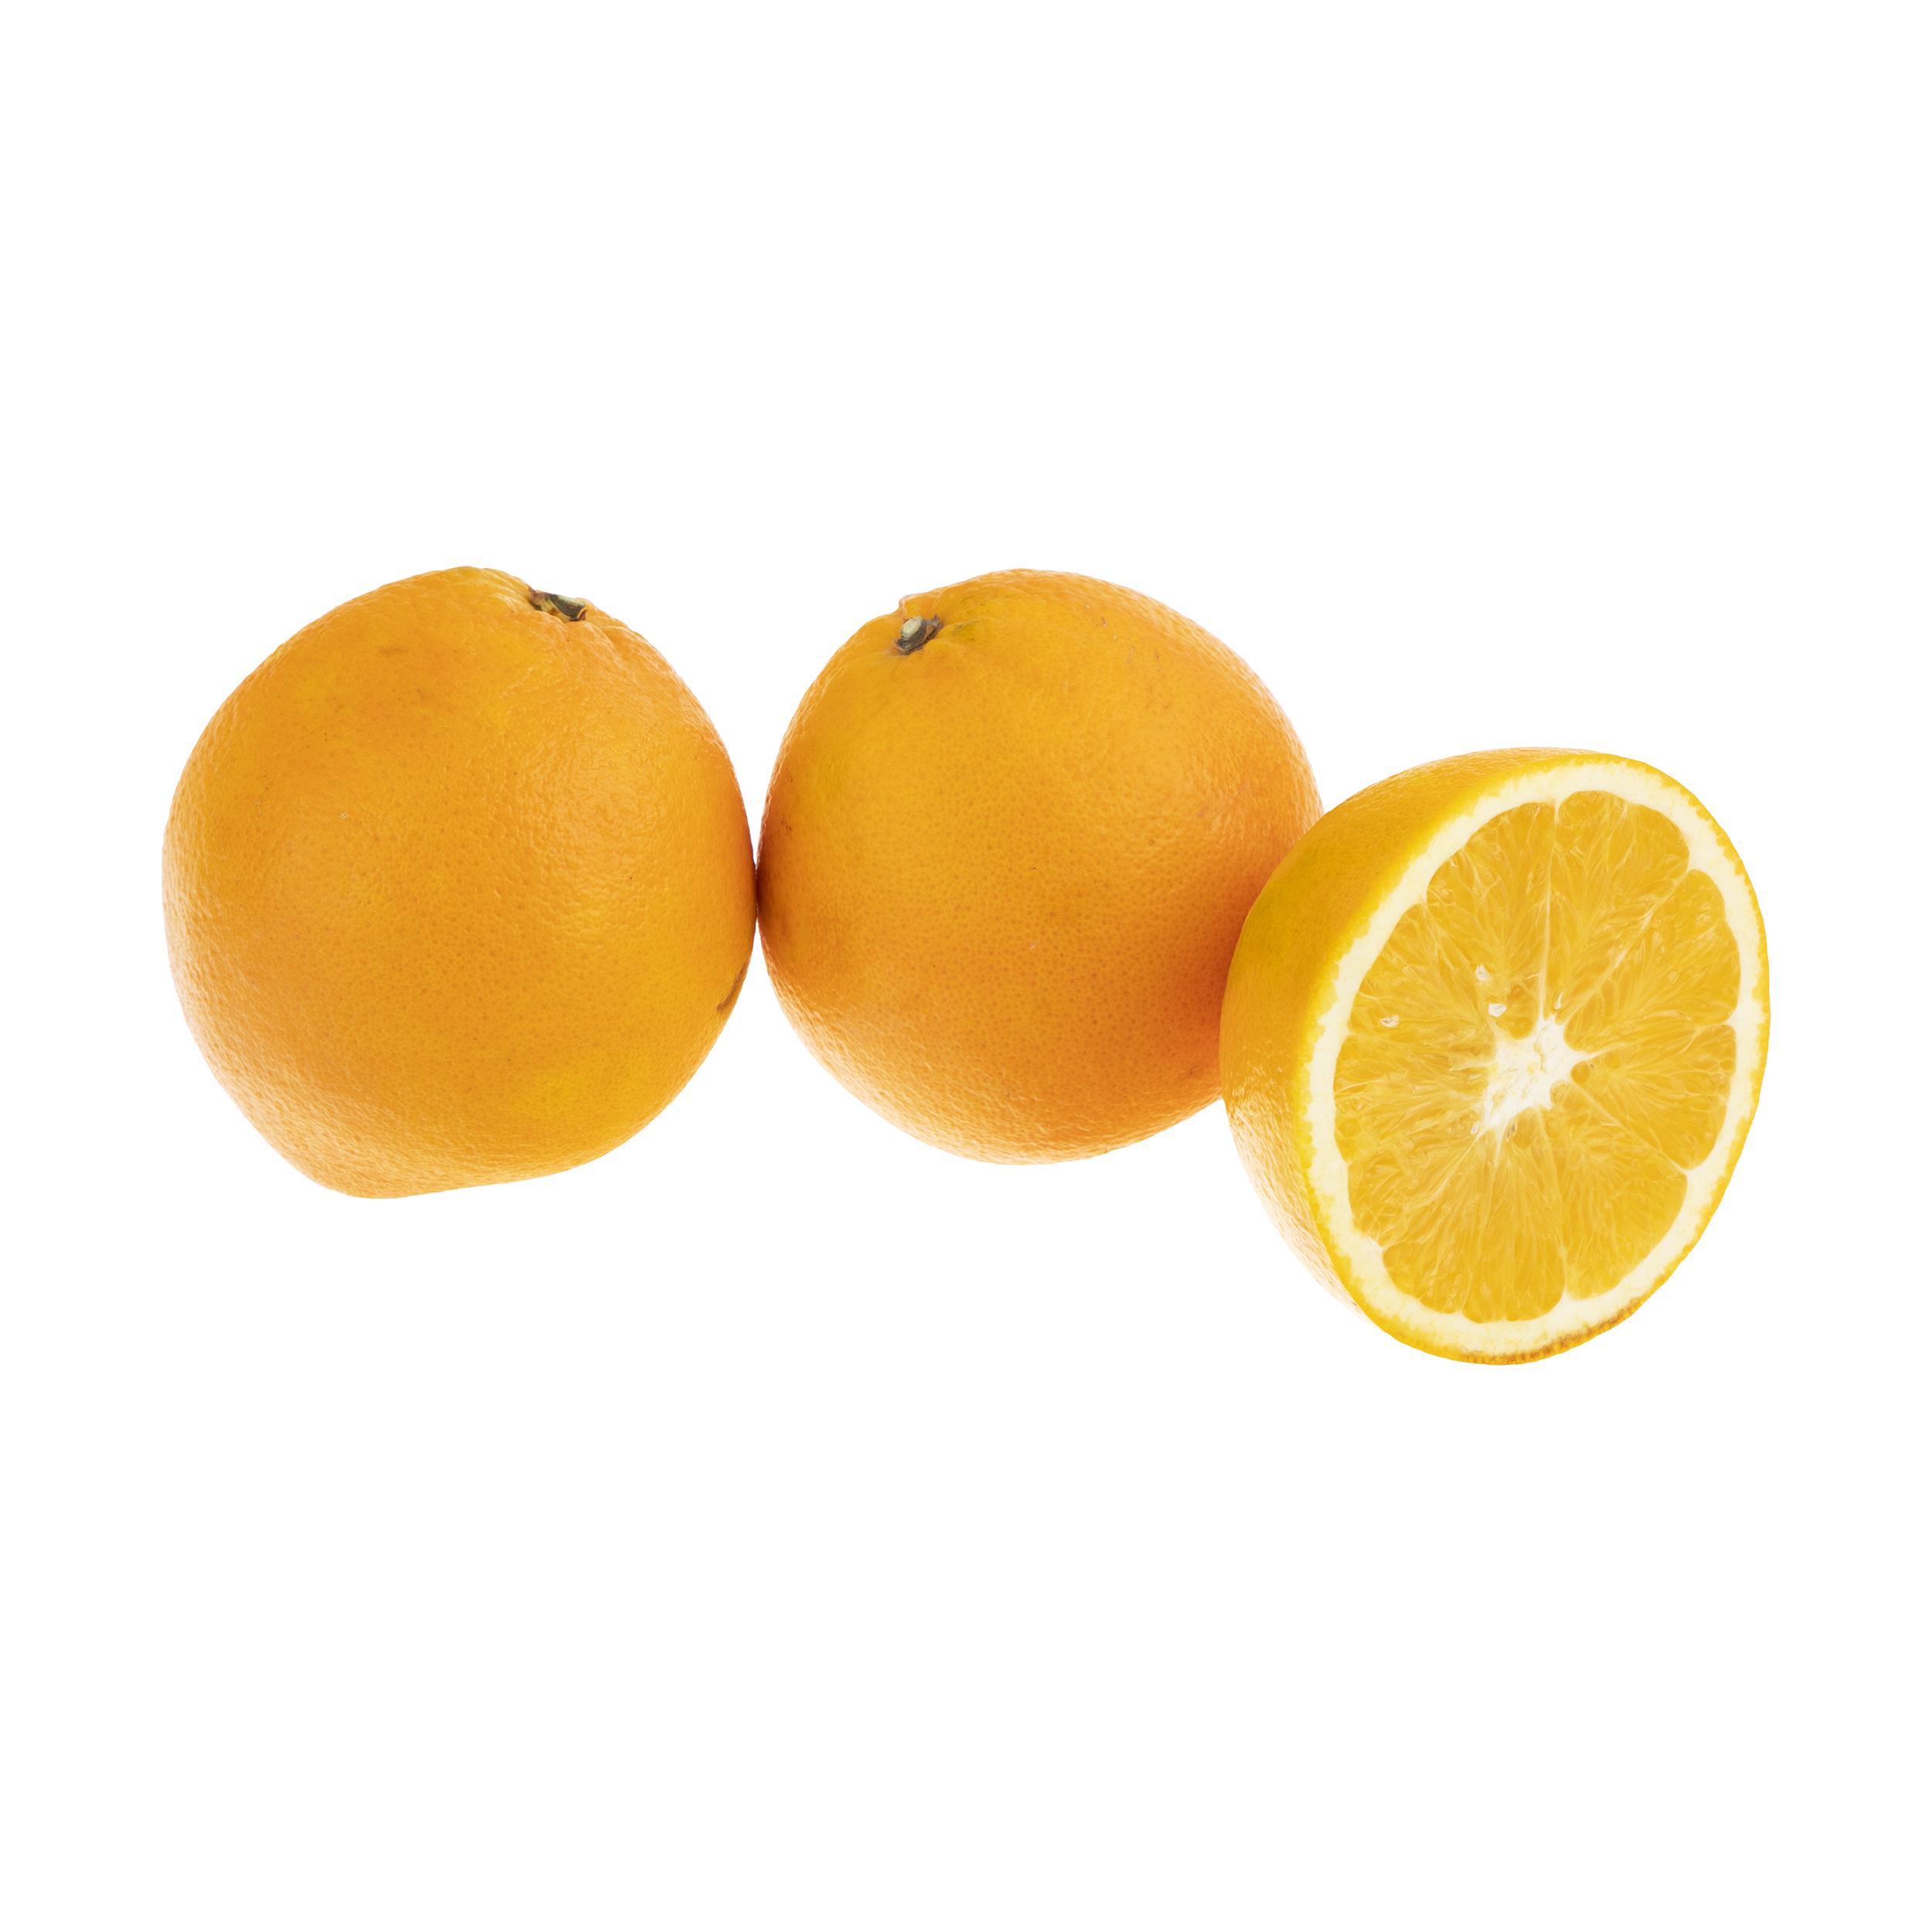 پرتقال میوکات - 1 کیلوگرم